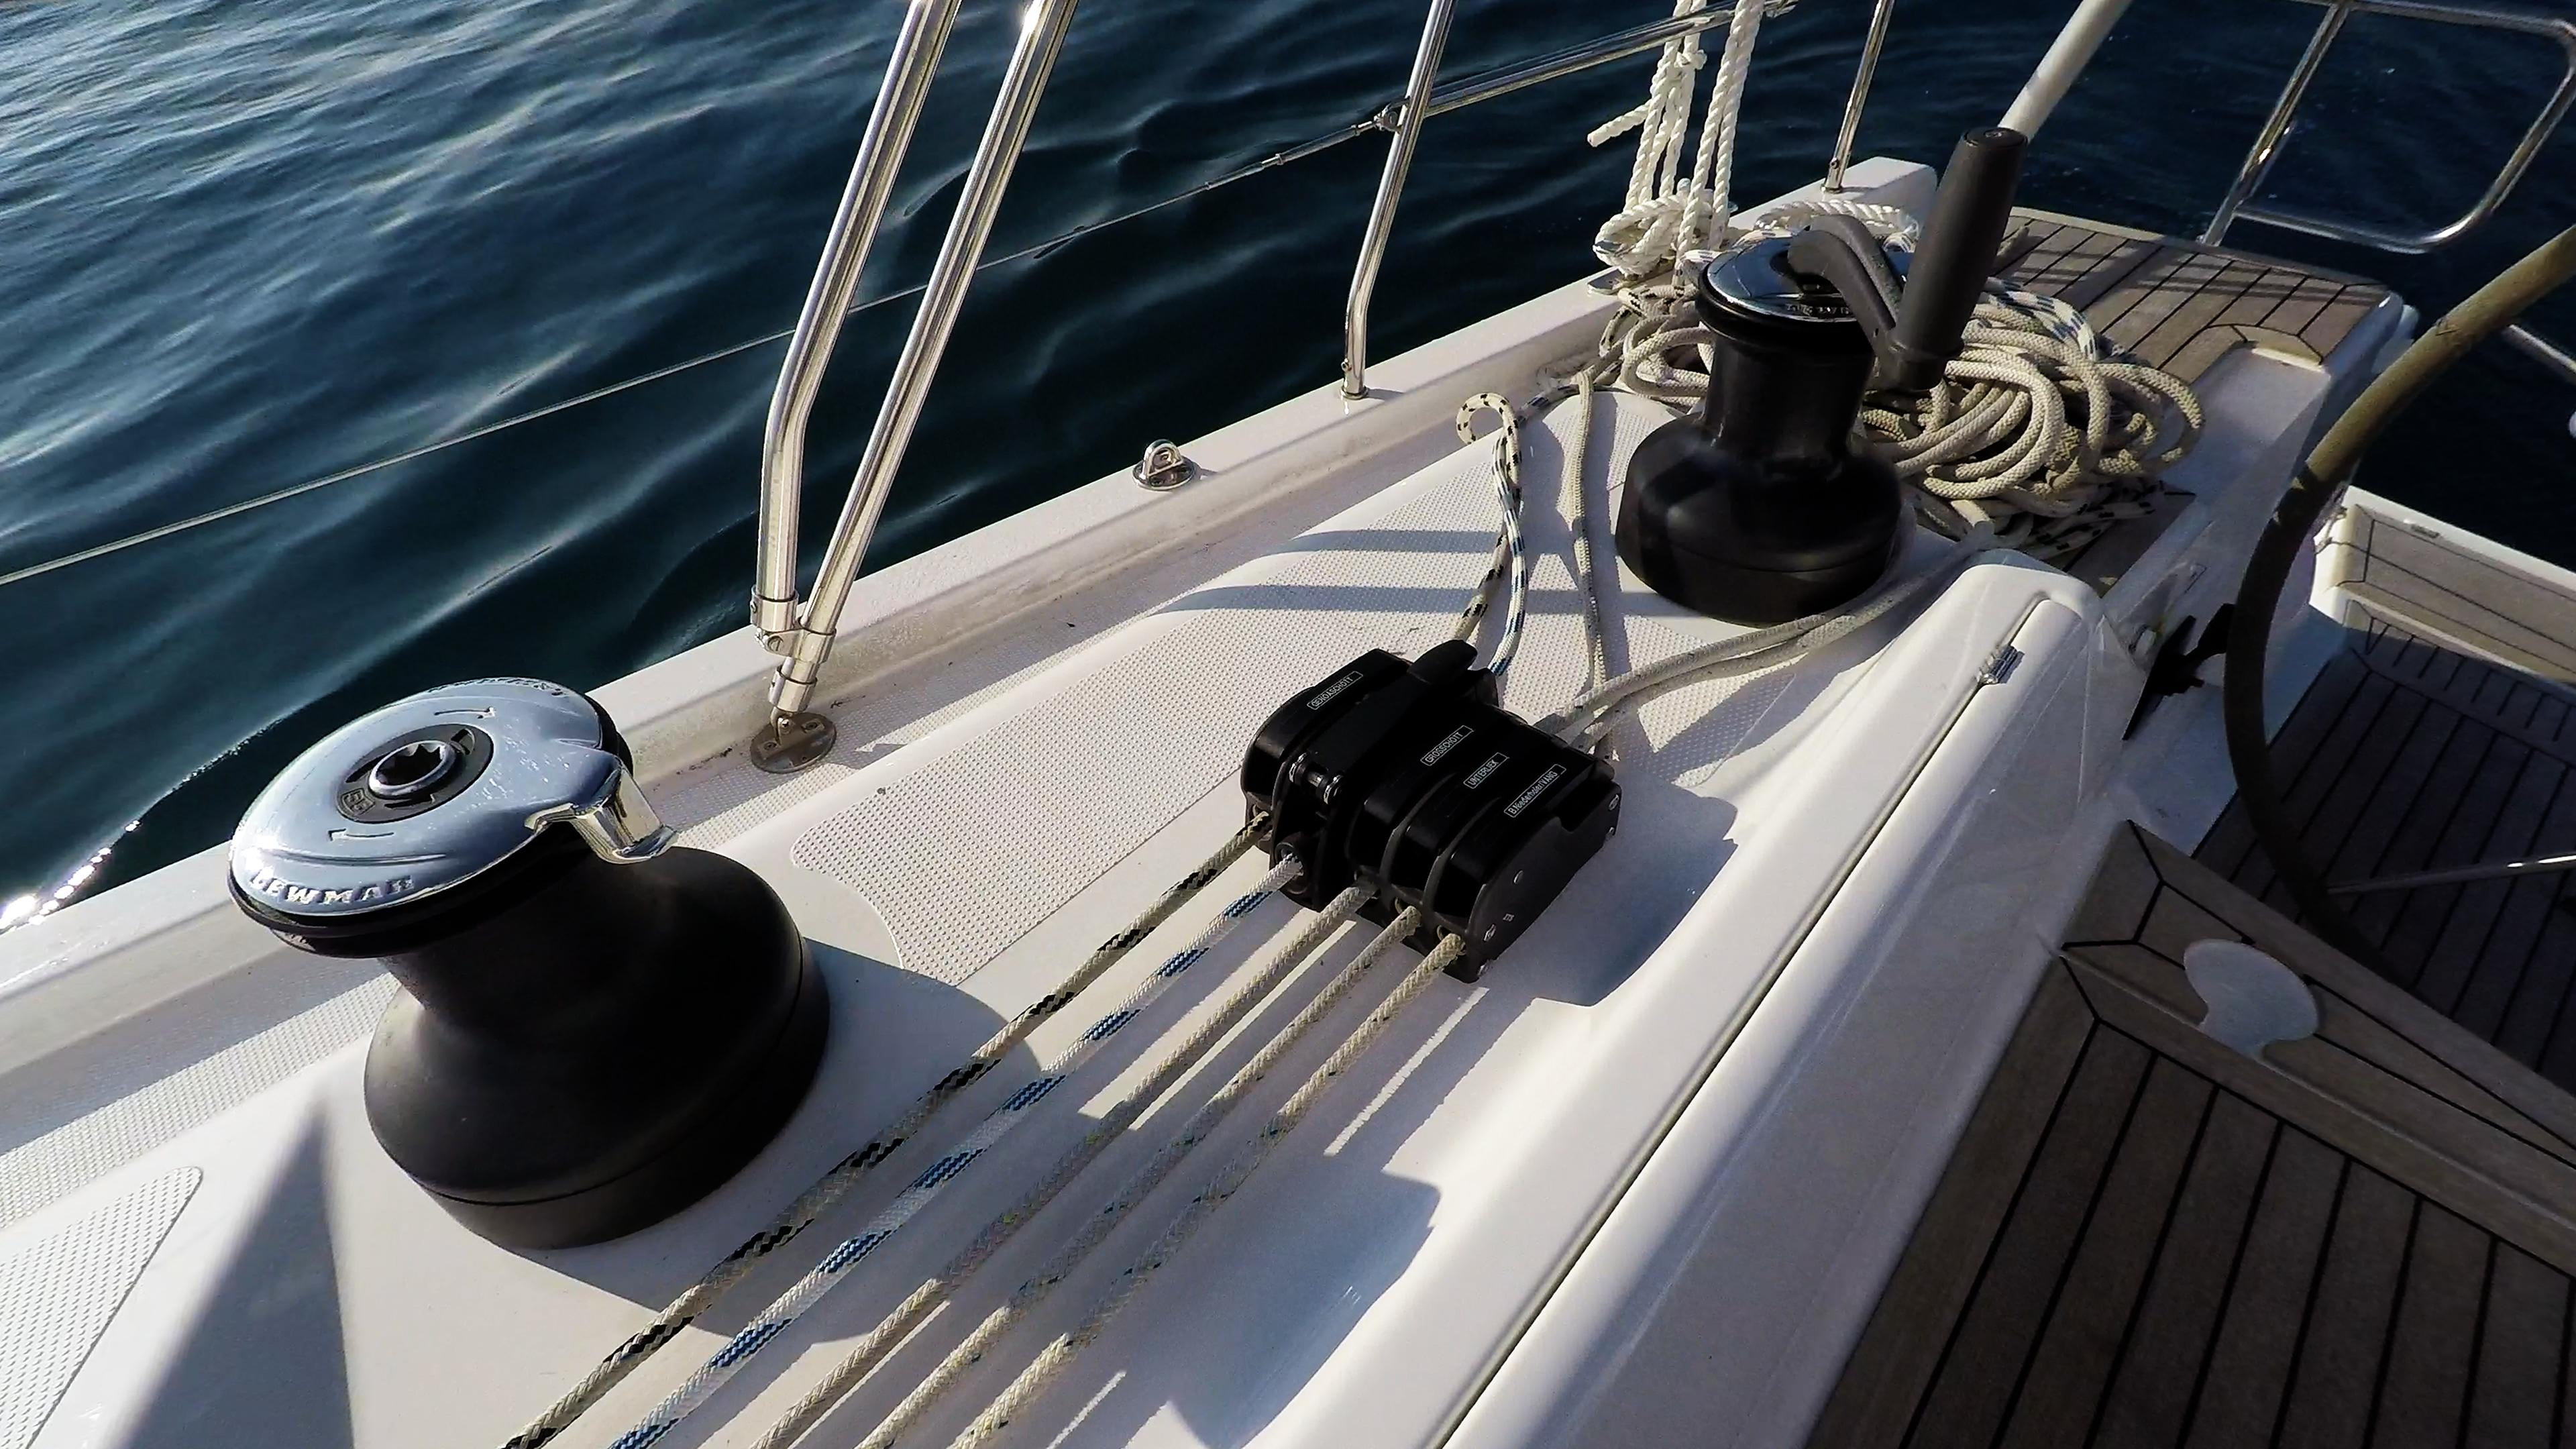 barcha a vela barca a vela ponte maniglia dell'verricello corda scimaper veleggiare